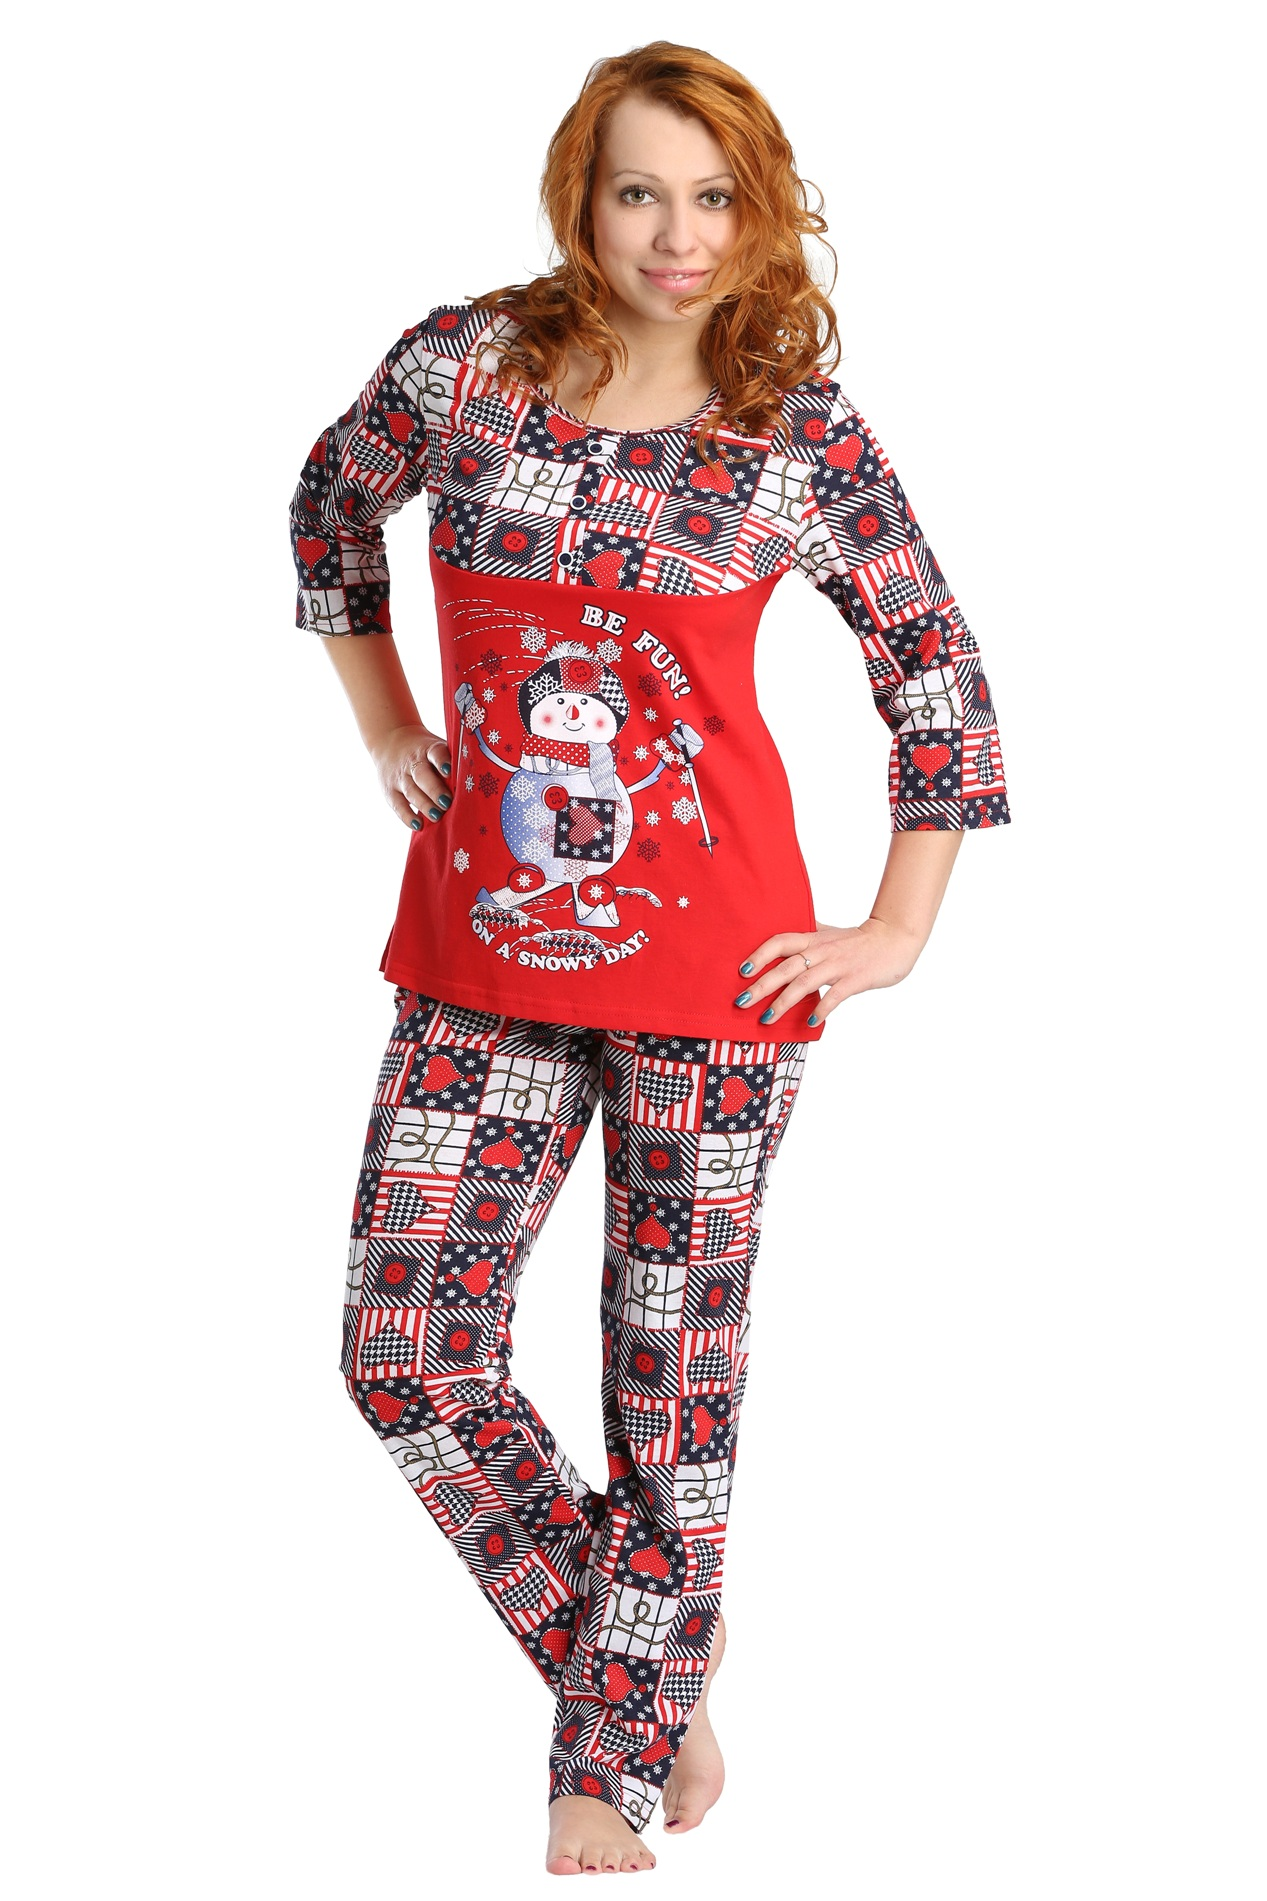 Жен. костюм арт. 16-0083 р. 56 - Акции и скидки артикул: 21955